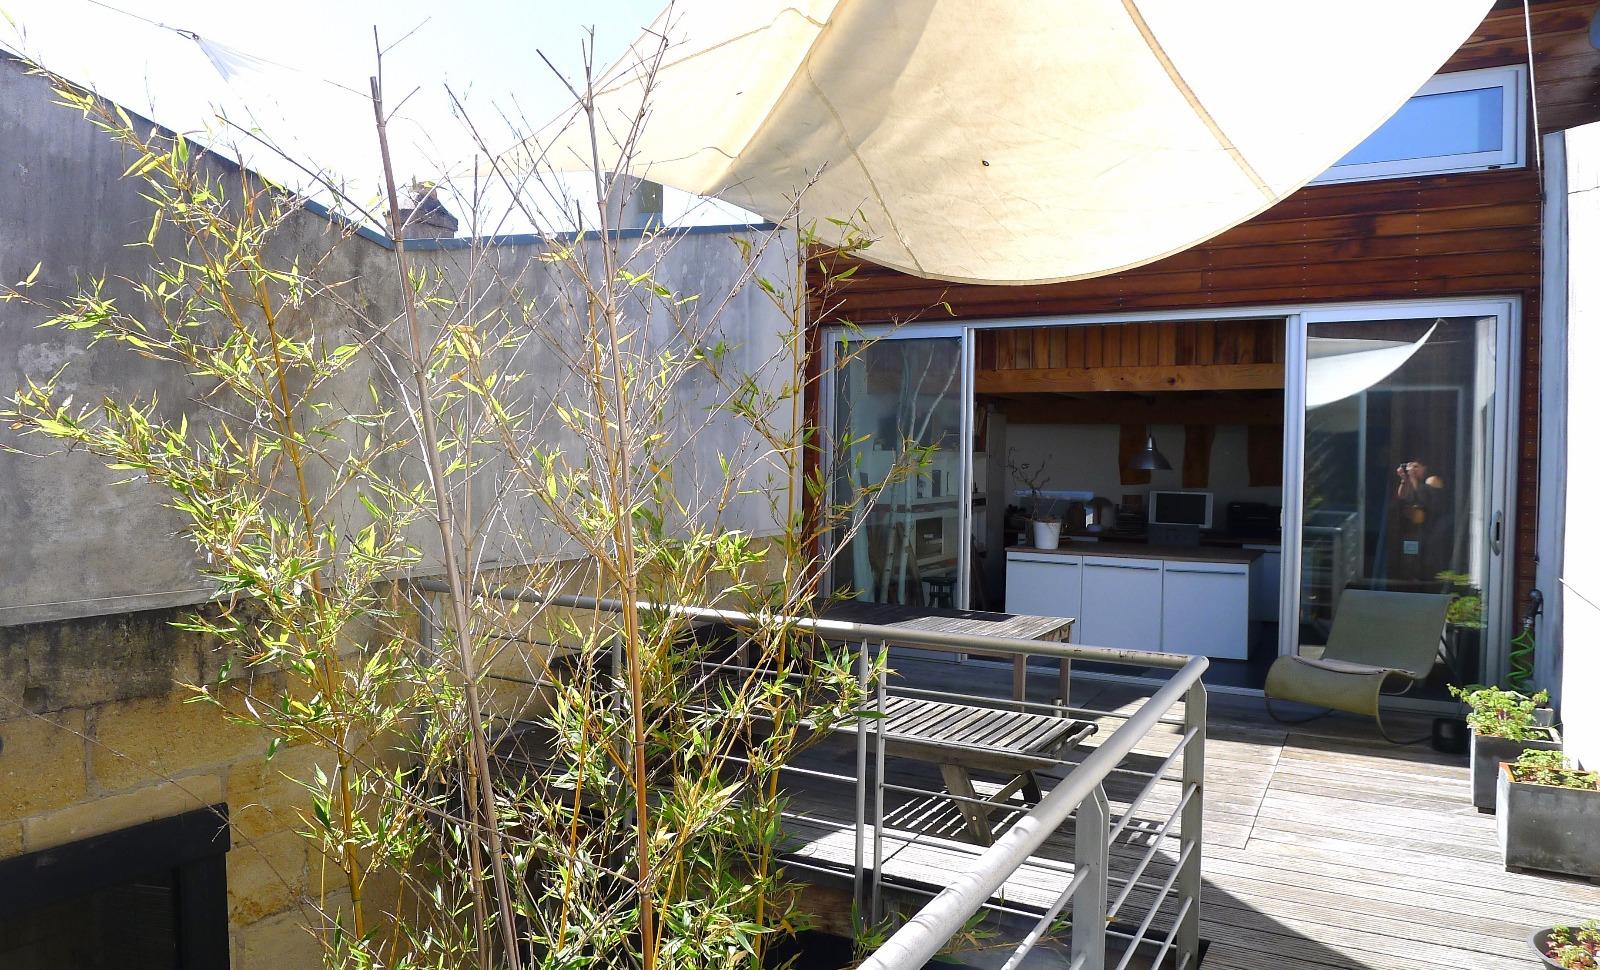 Maison de quartier bordeaux saint bruno ventana blog for Immobilier achat bordeaux